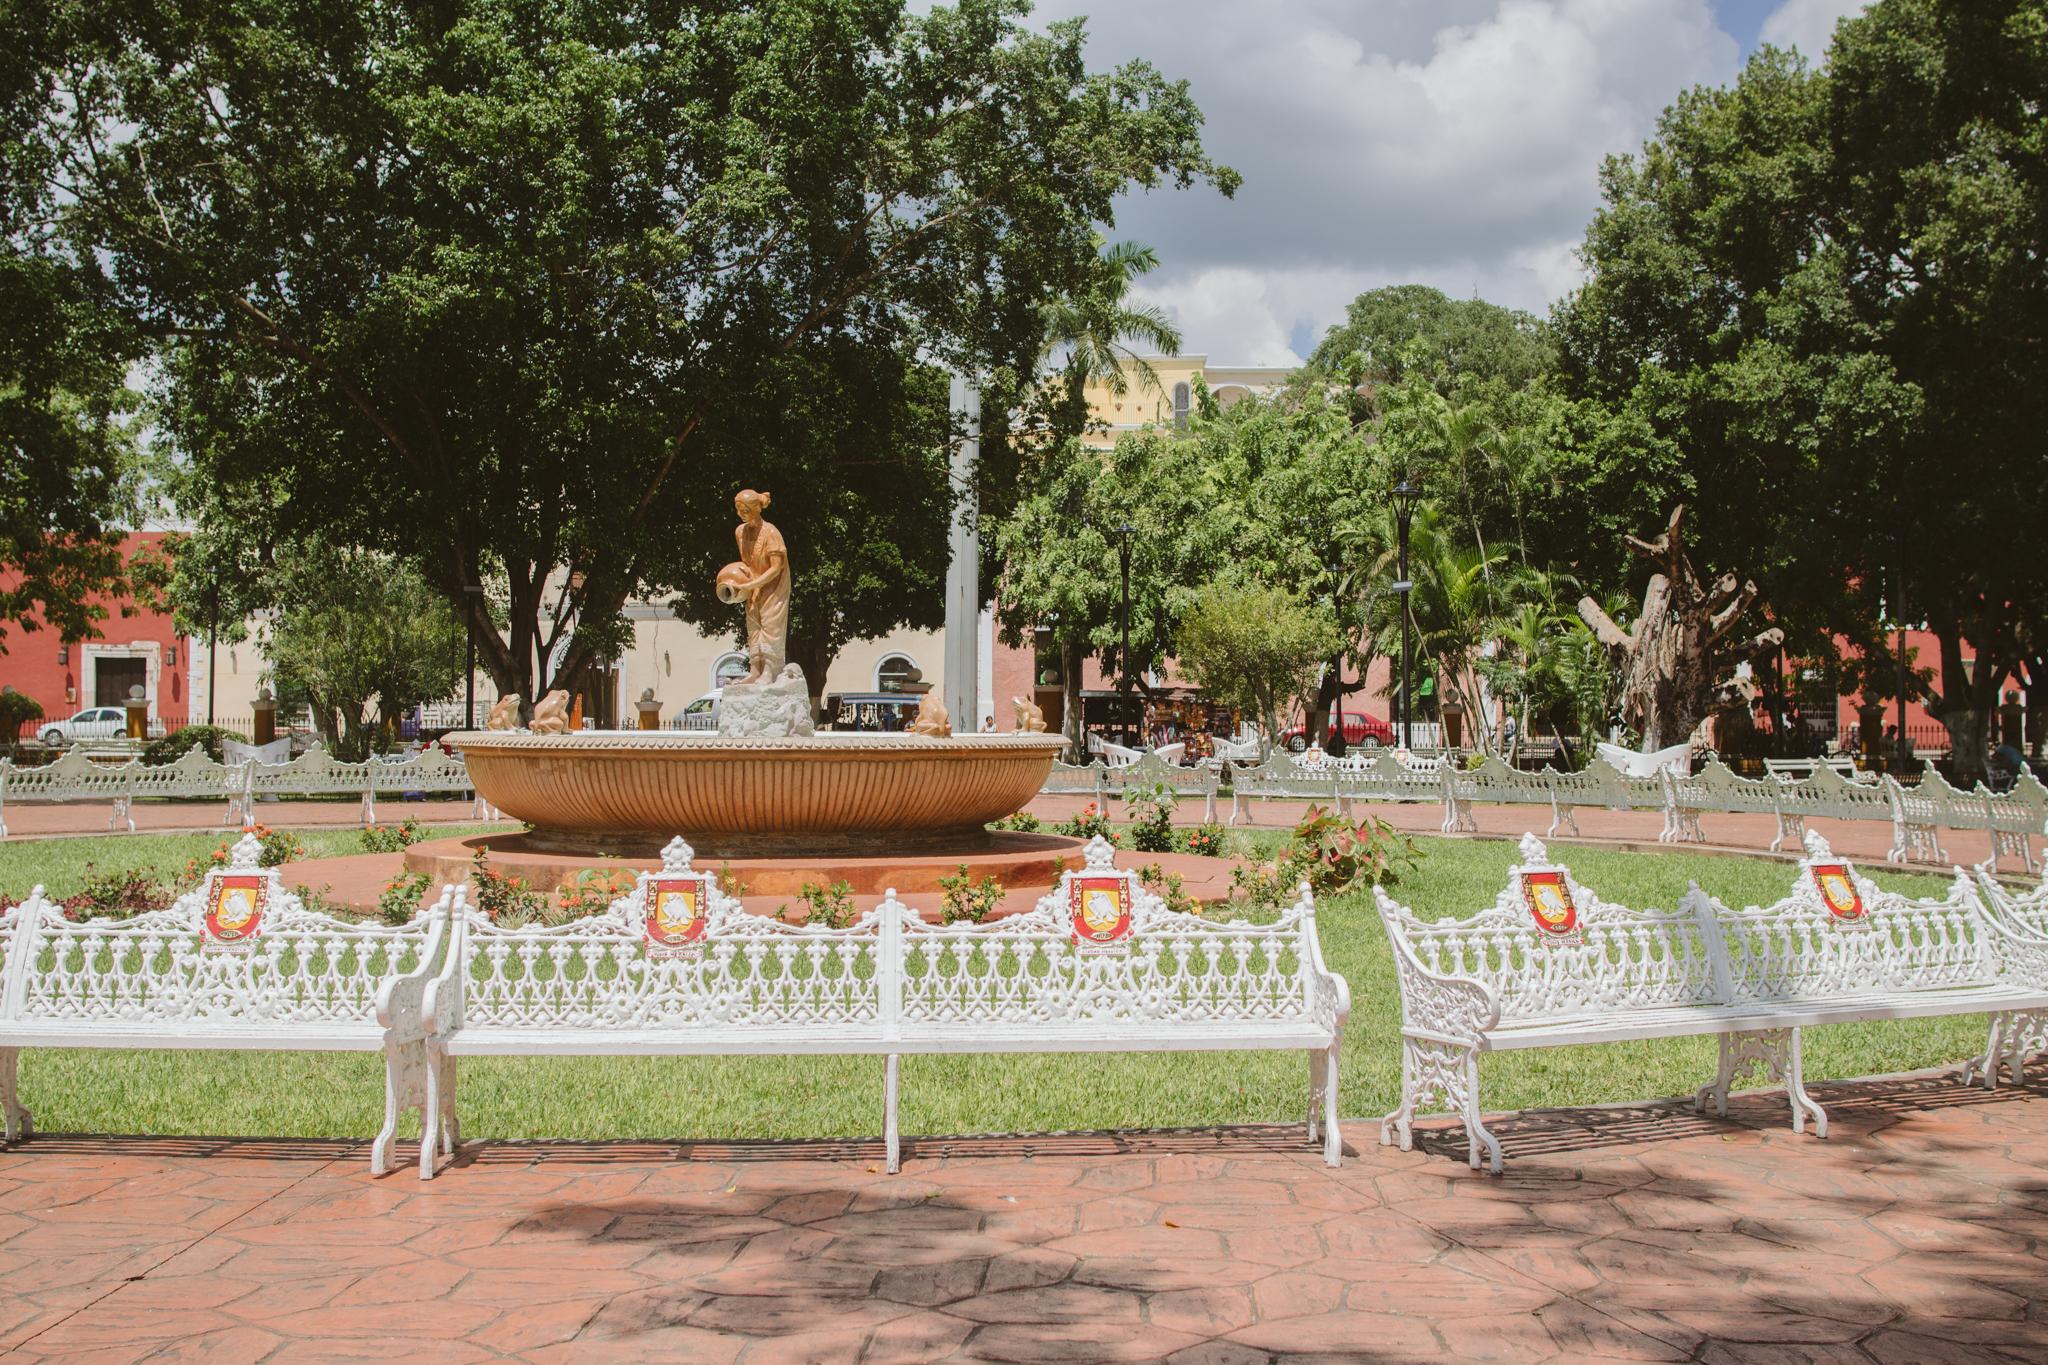 valladolid-mexico-city-center